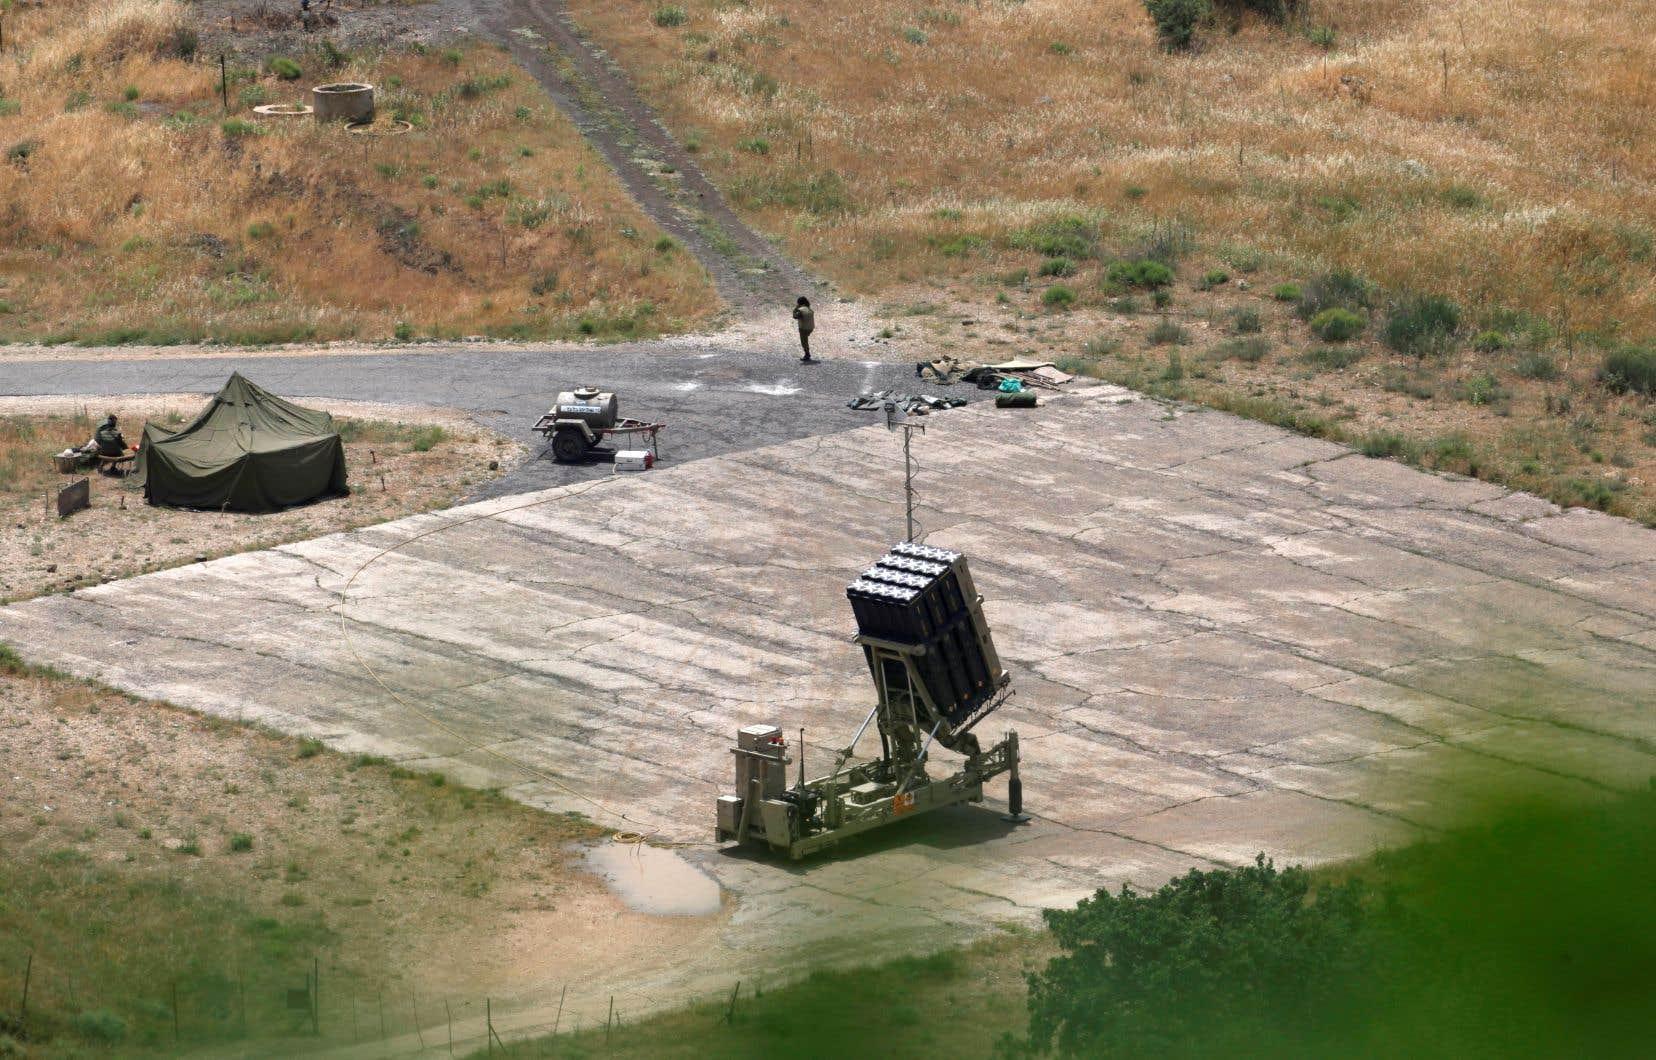 L'armée israélienne a indiqué mardi avoir demandé aux autorités locales du plateau du Golan occupé d'ouvrir et de préparer les abris antimissiles.